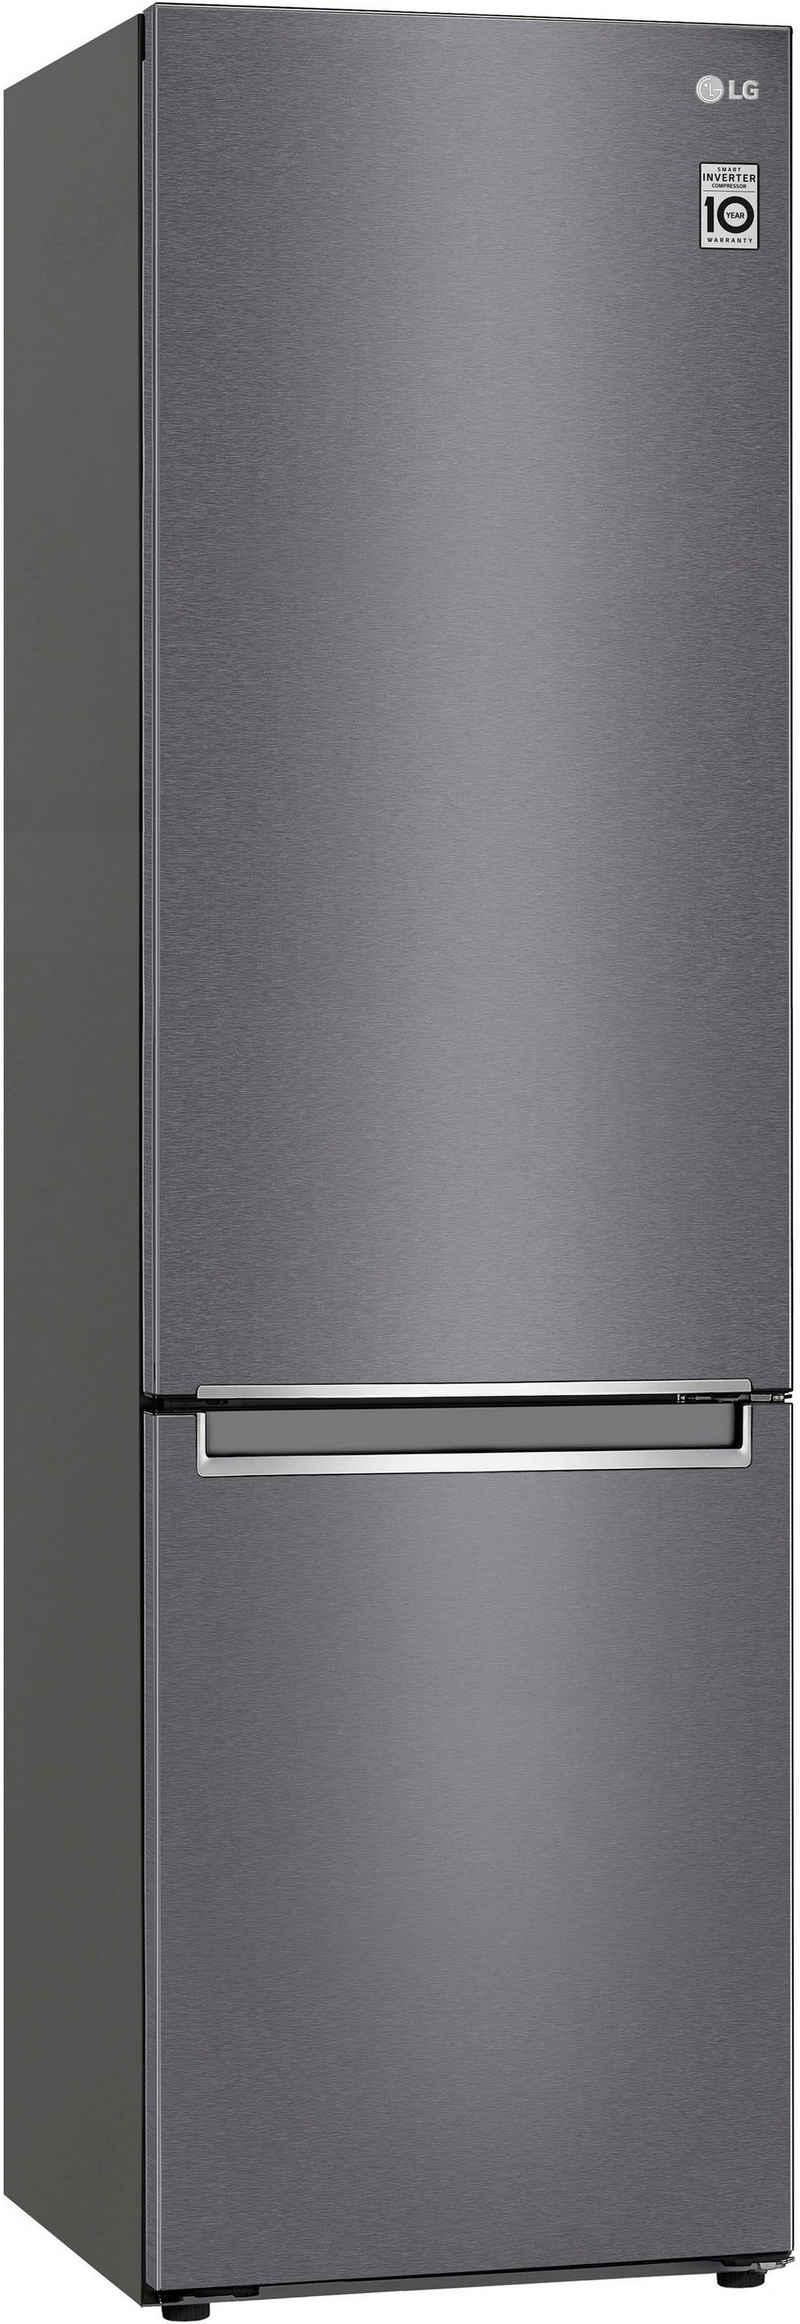 LG Kühl-/Gefrierkombination GBP32DSLZN, 203 cm hoch, 59,5 cm breit